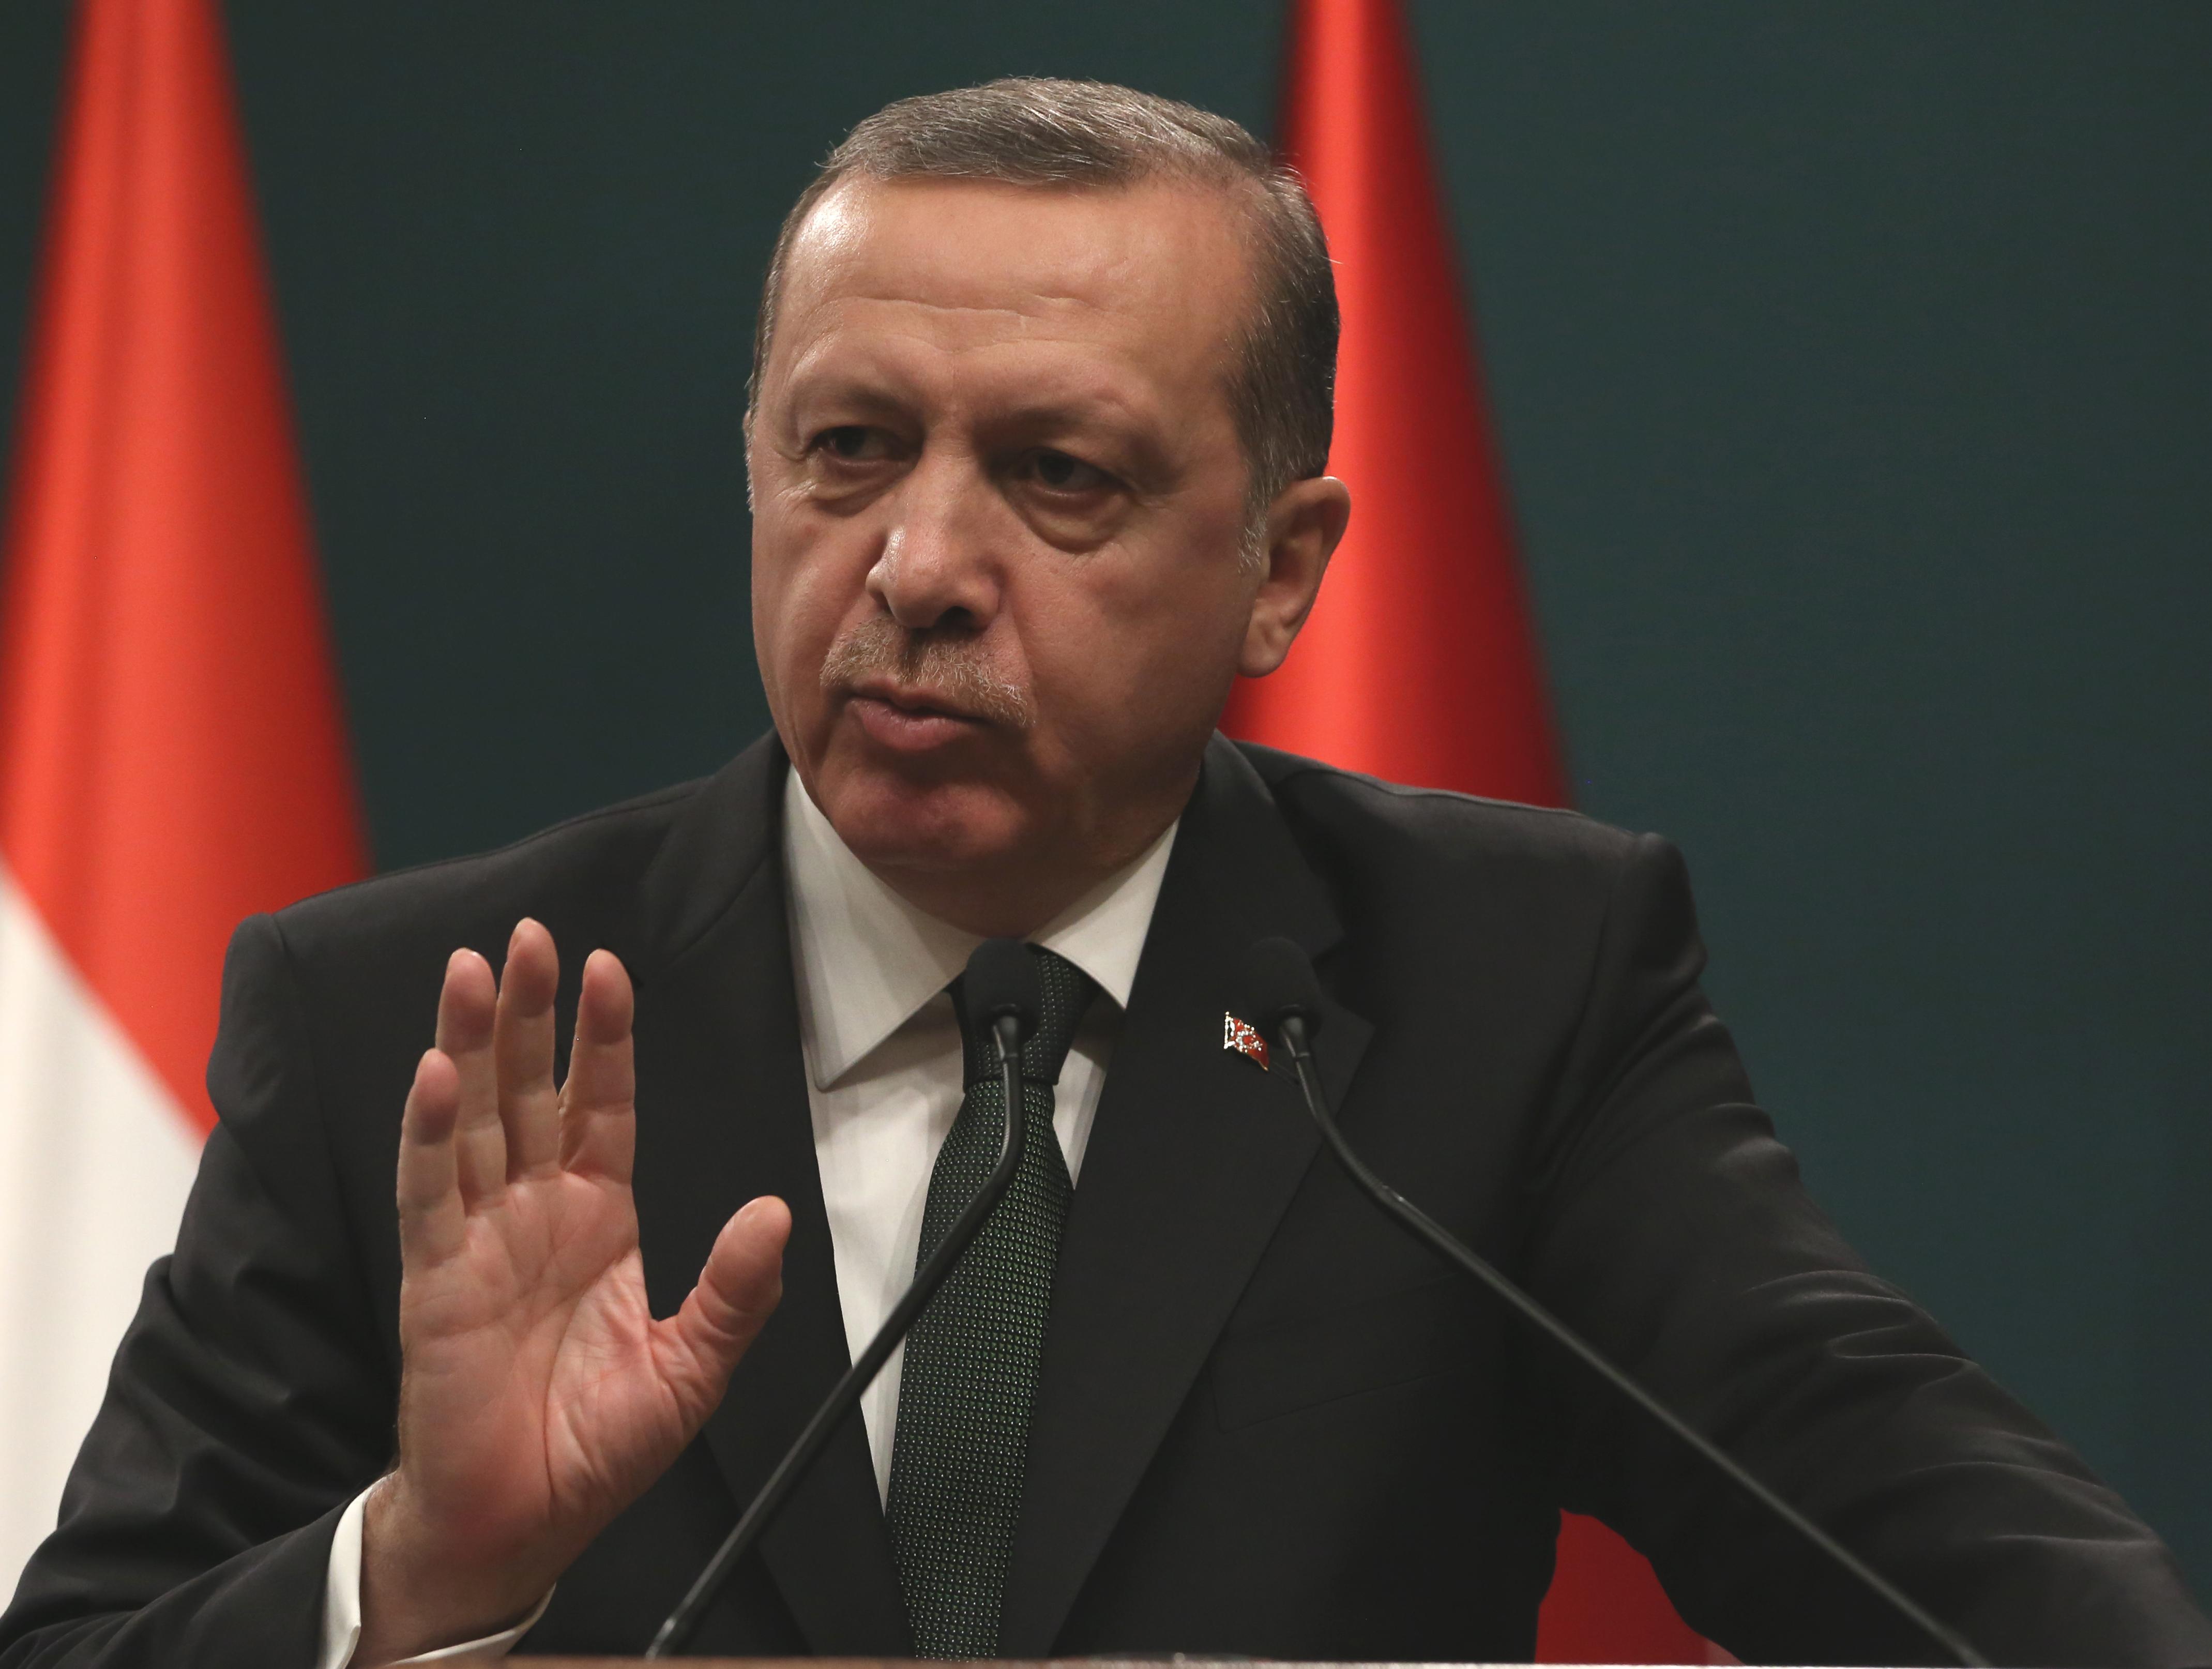 Preşedintele Erdogan cataloghează Israelul drept un stat al ocupaţiei şi al terorii: Ierusalimul este capitala Palestinei/ Kremlin: Rusia nu împărtăşeşte poziţia preşedintelui Turciei